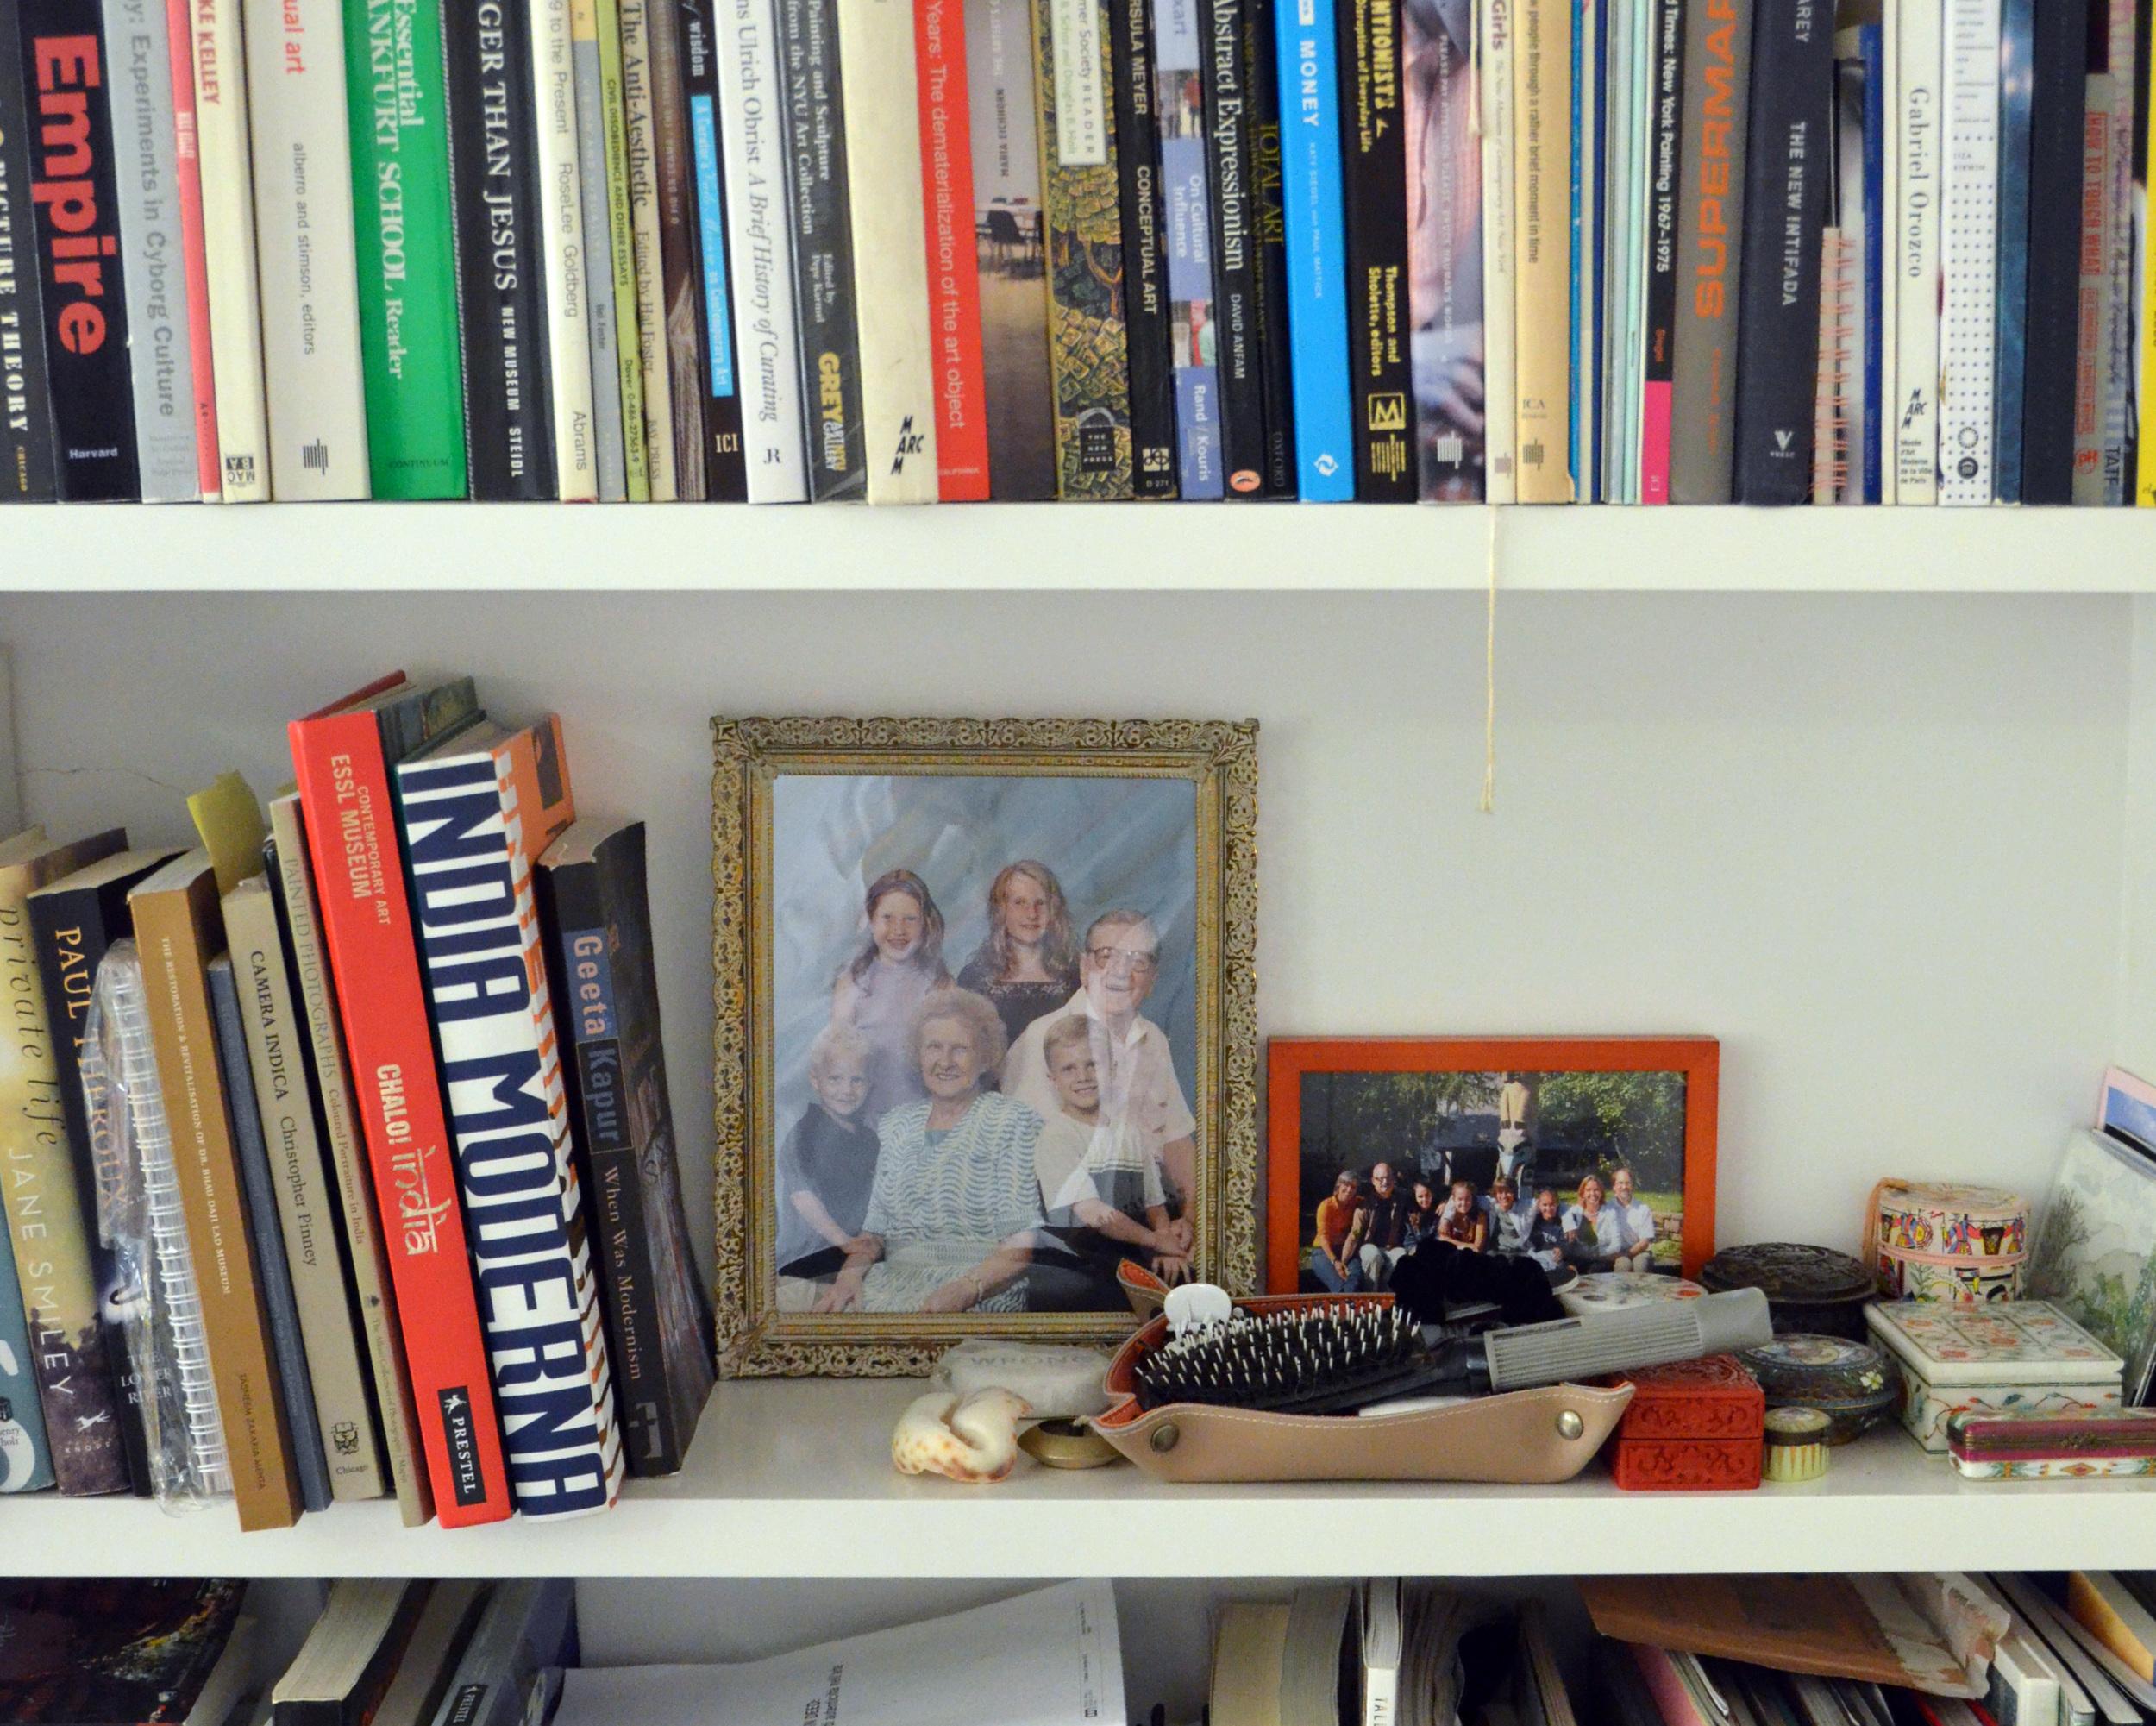 family-photos-on-shelf2.jpg